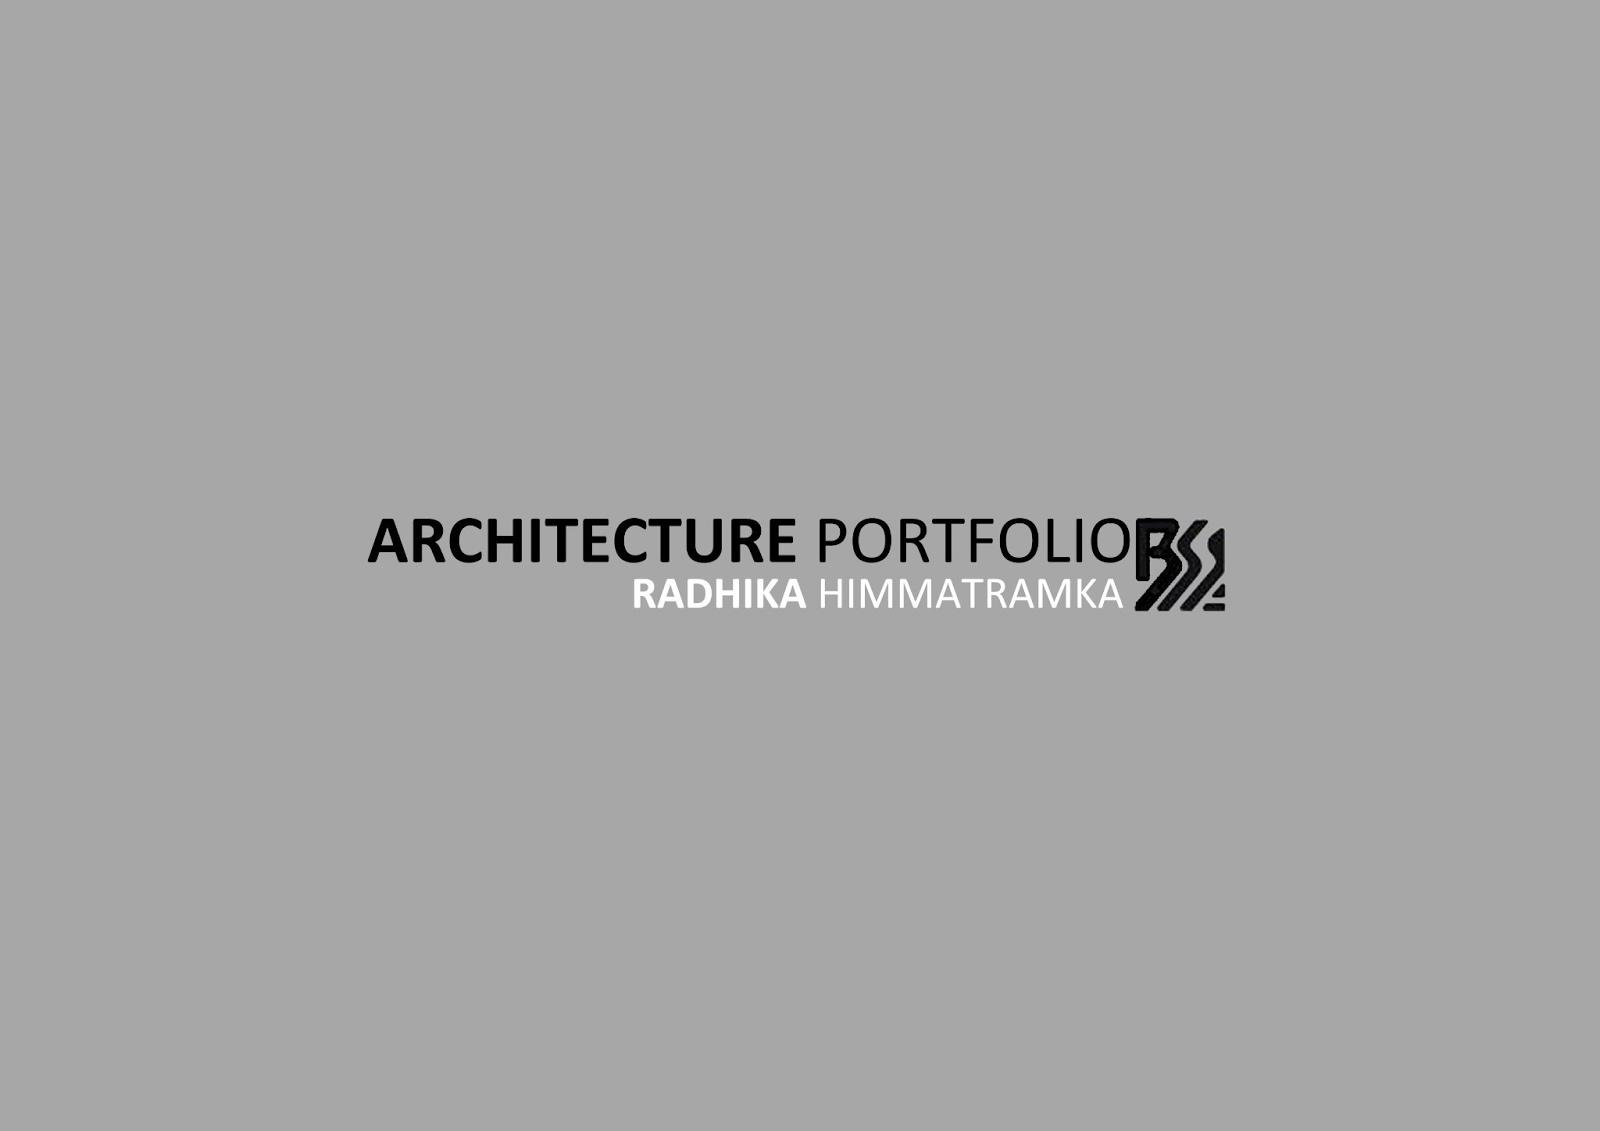 Architectural Portfolio Design Portfolio